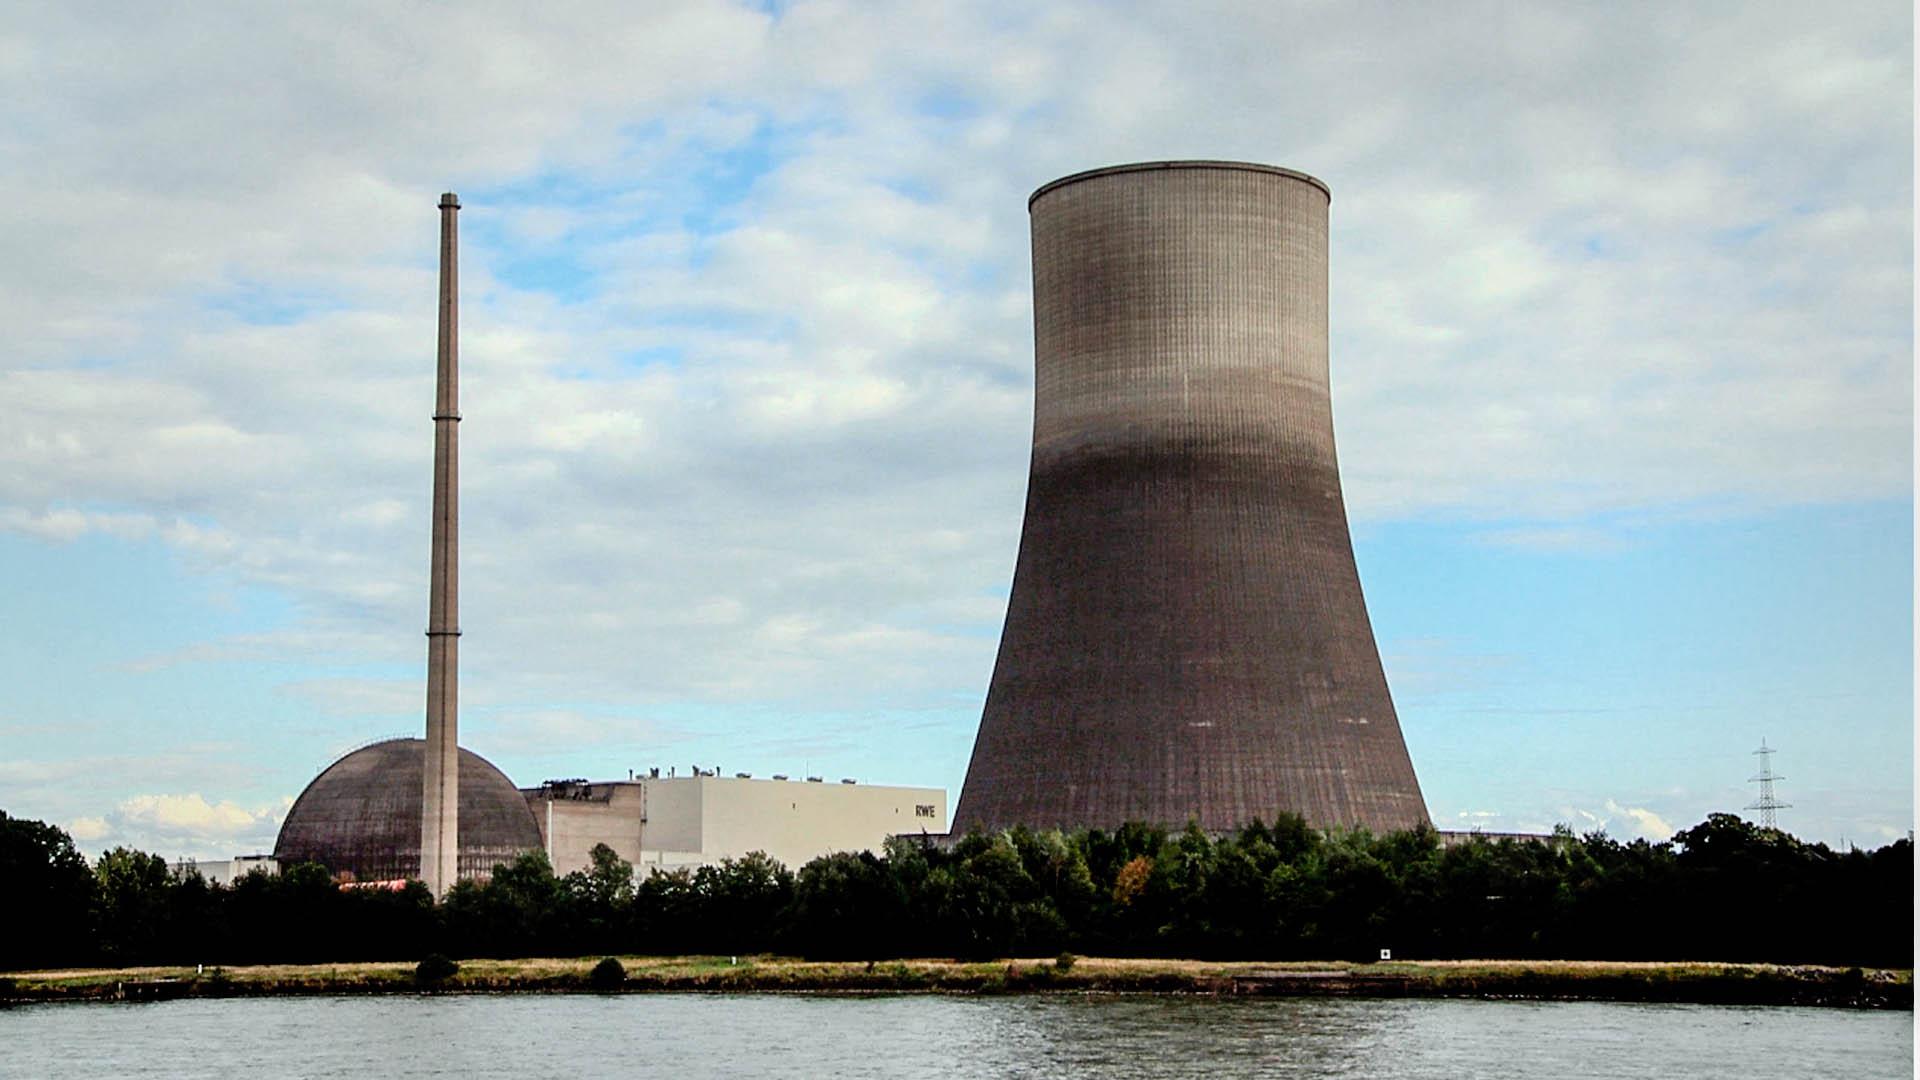 Ausverkauf im Kernkraftwerk – Die Abwracker von Mülheim-Kärlich